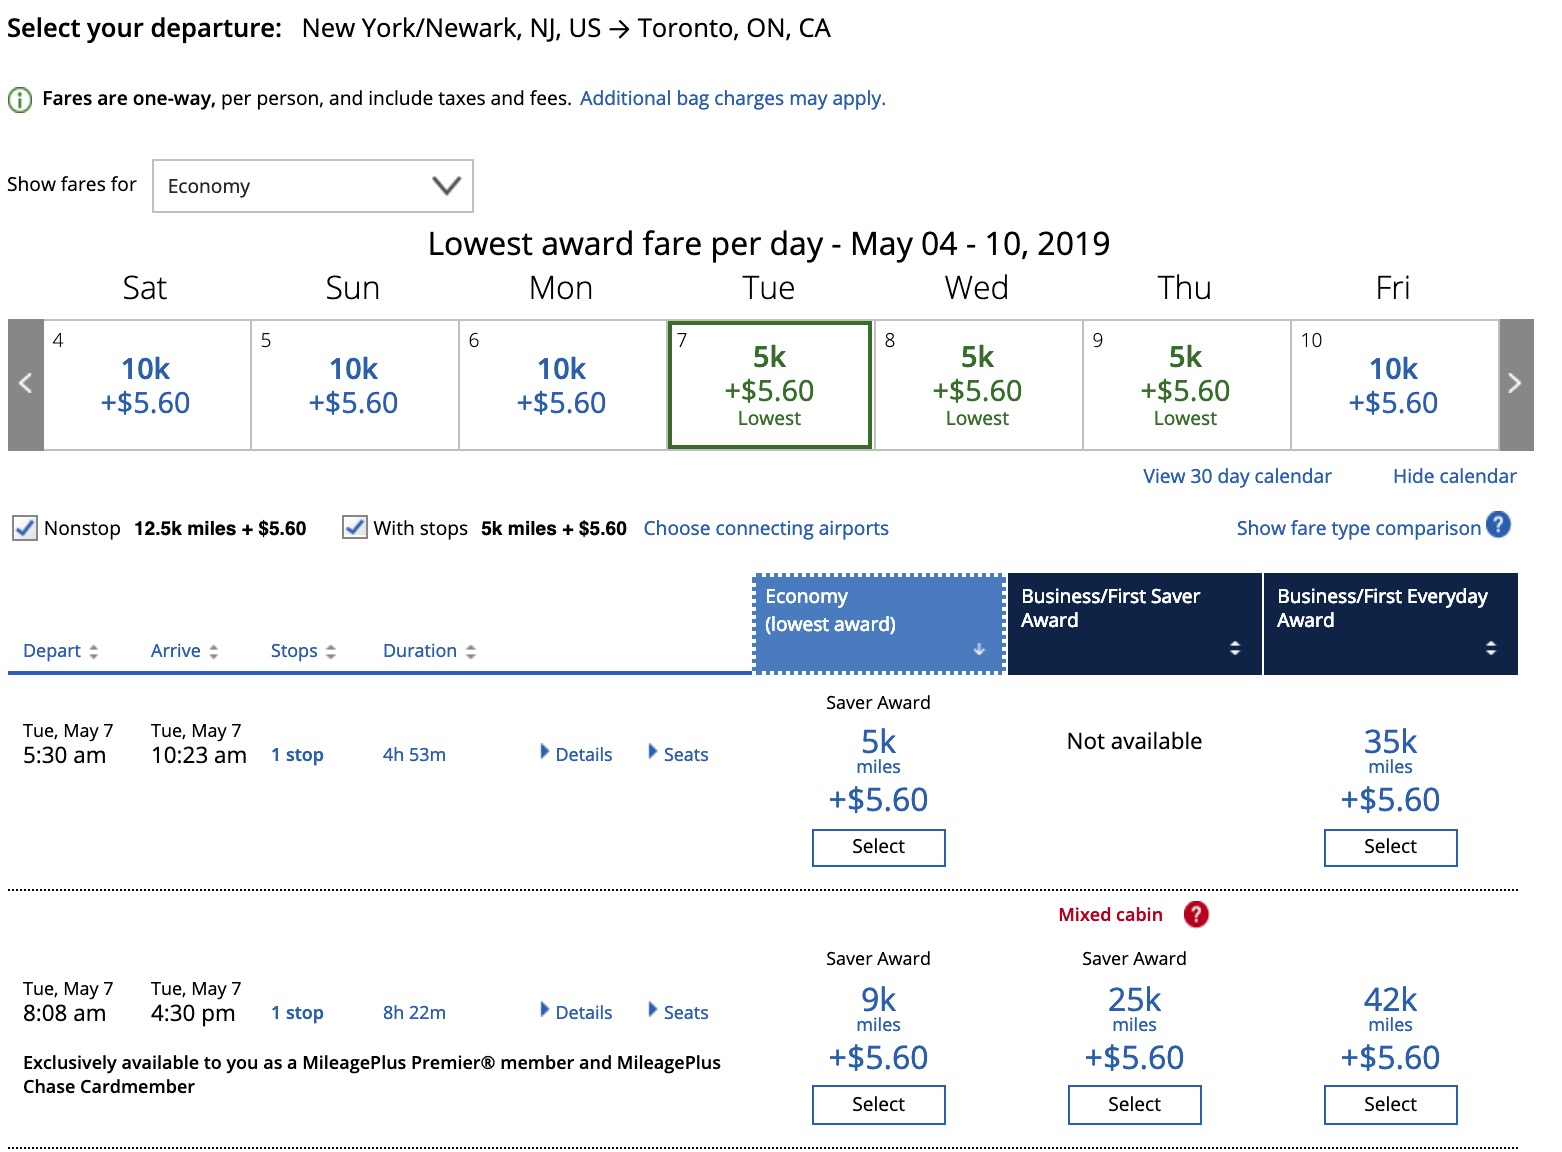 美聯航UA短途8000里程大法 - 美國信用卡指南